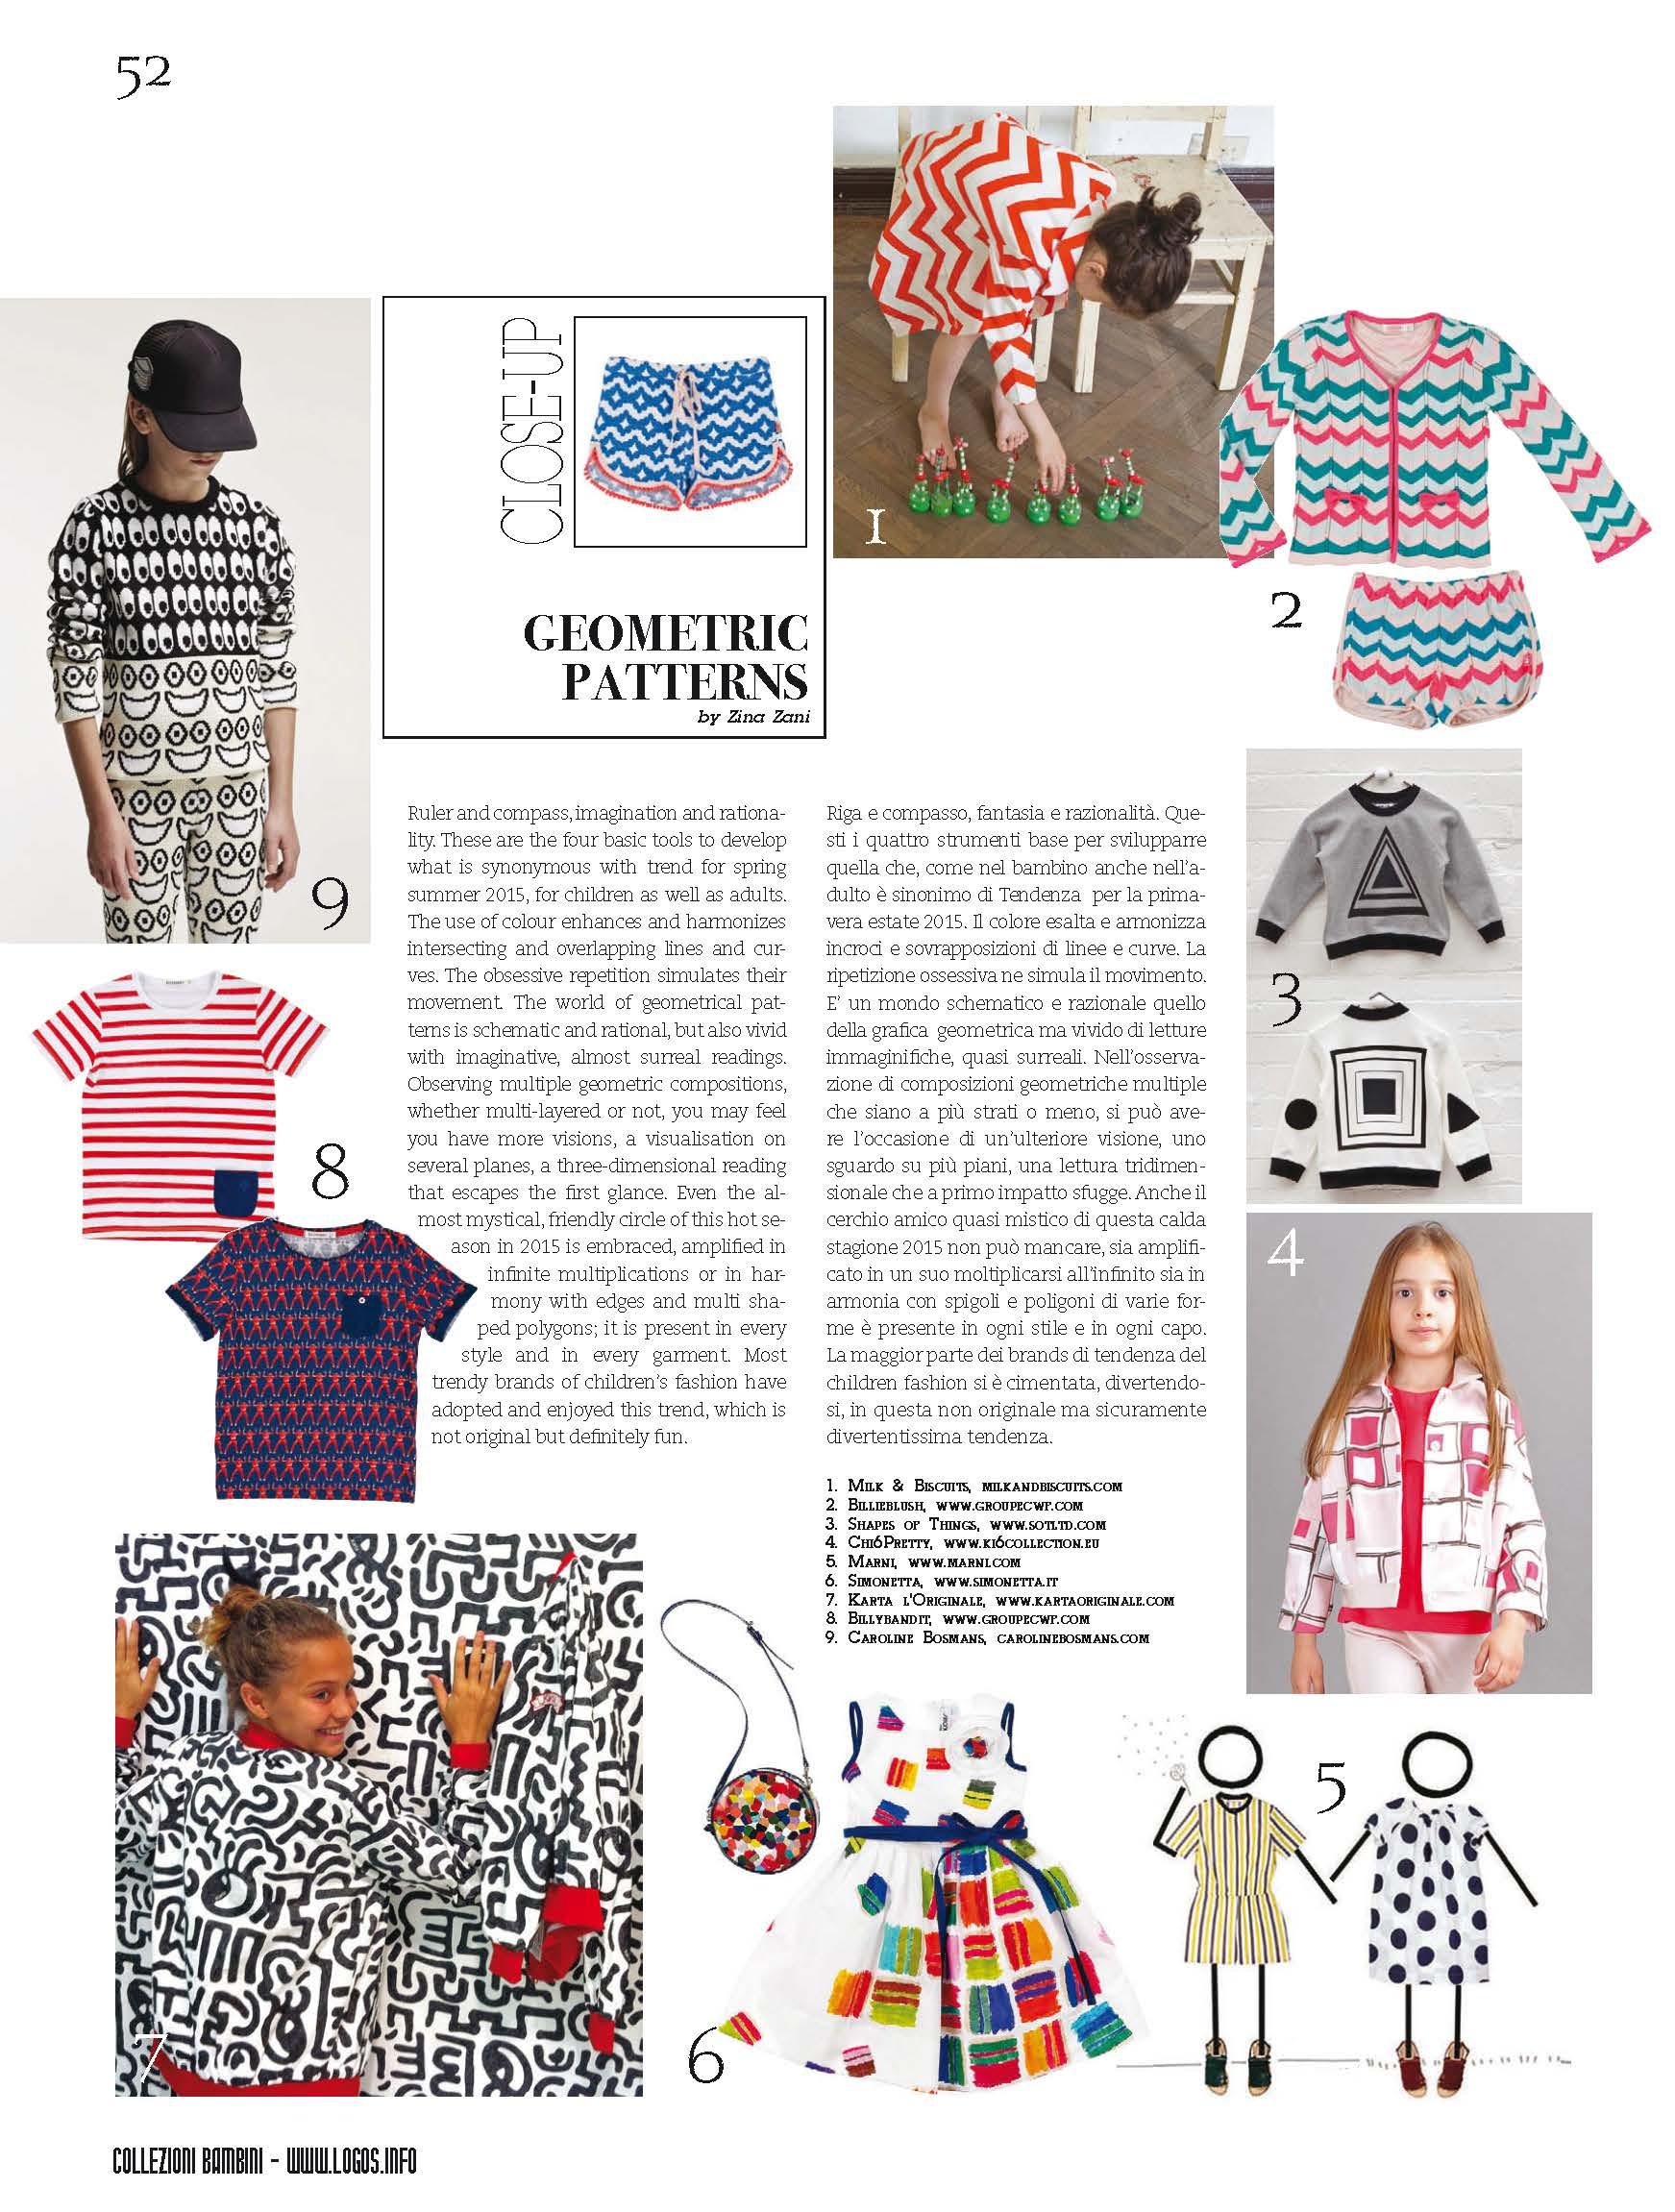 Collezioni Bambini 56 Zinio_Pagina_056.jpg